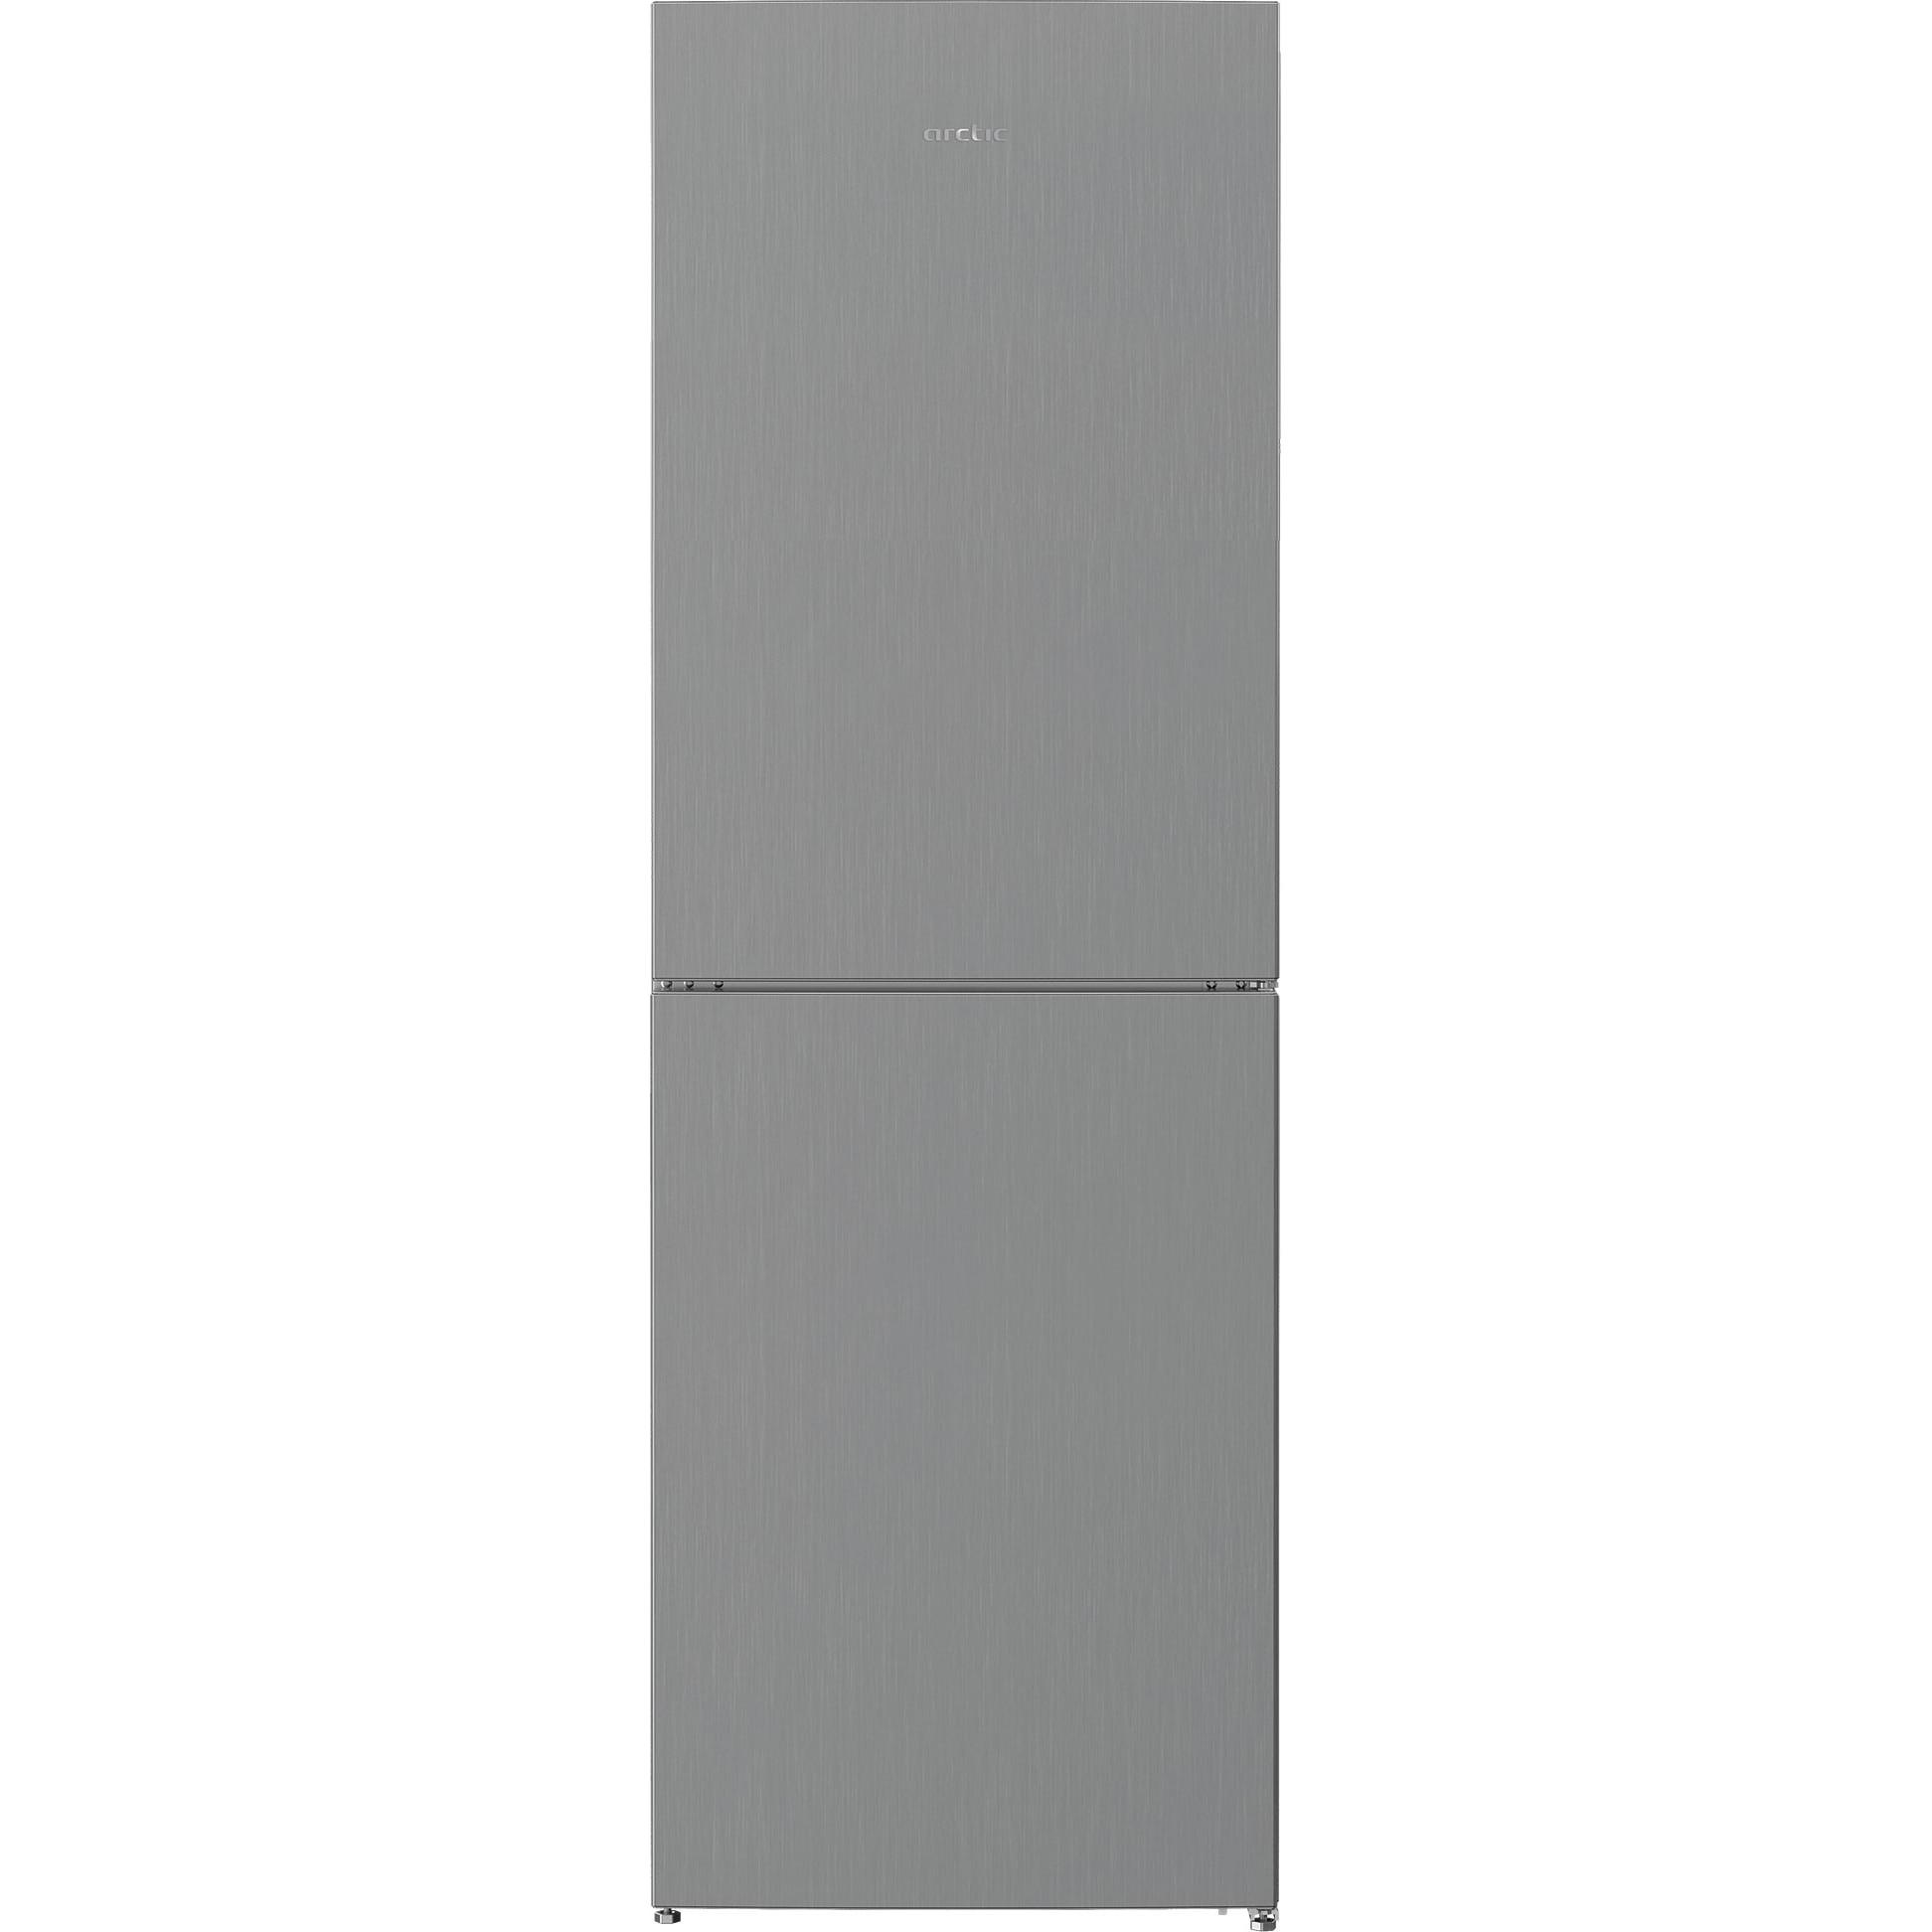 Fotografie Combina frigorifica semi-incorporabila Arctic AK60386M40NFMT, 358 l, Full No Frost, Air Flow Dual Tech, H 202 cm, Clasa A++, Metal Look